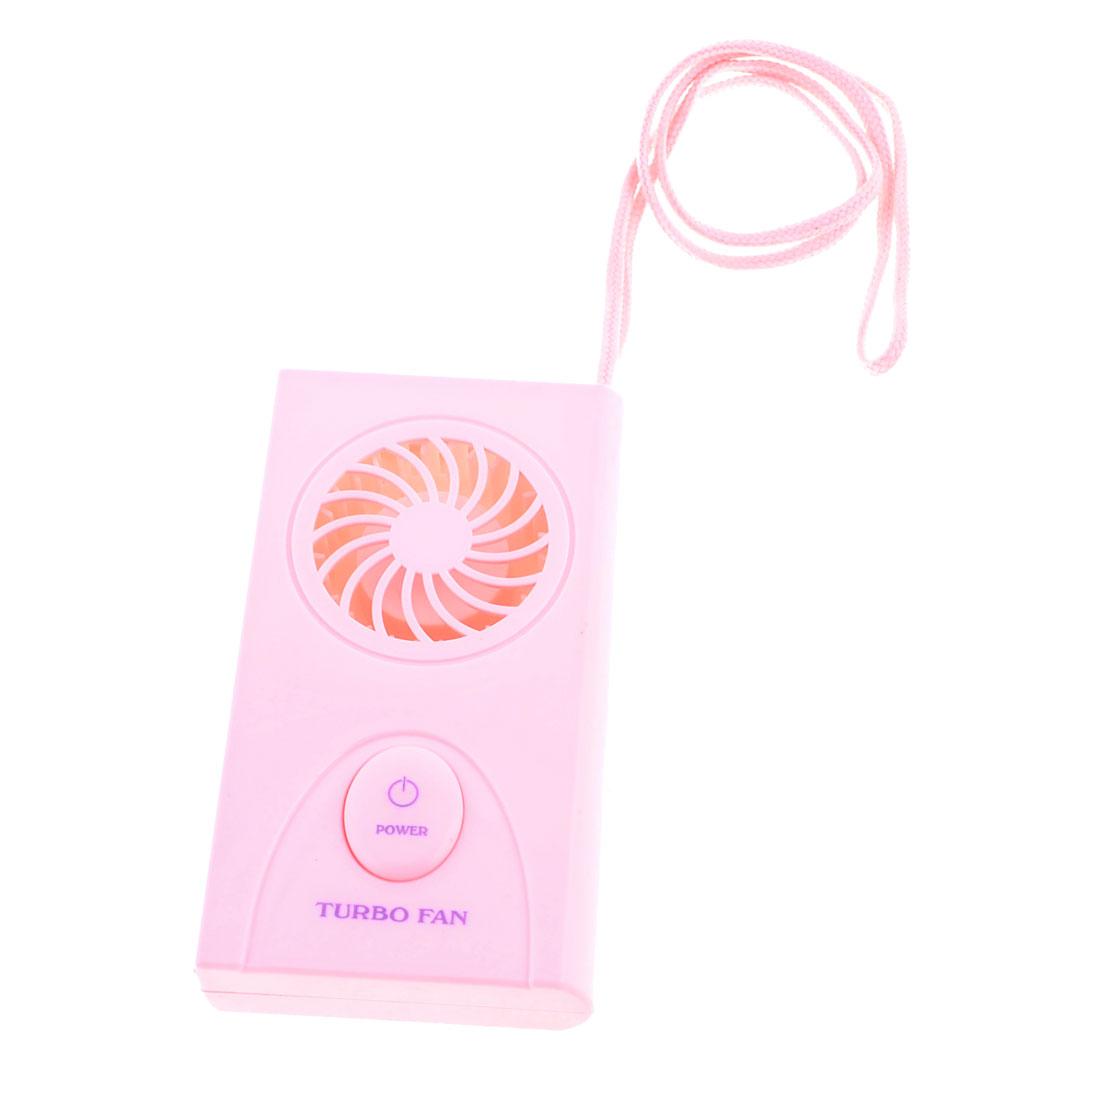 Tabletop Plastic Rectangle Shape Portable Mini Pocket Turbo Fan Pink